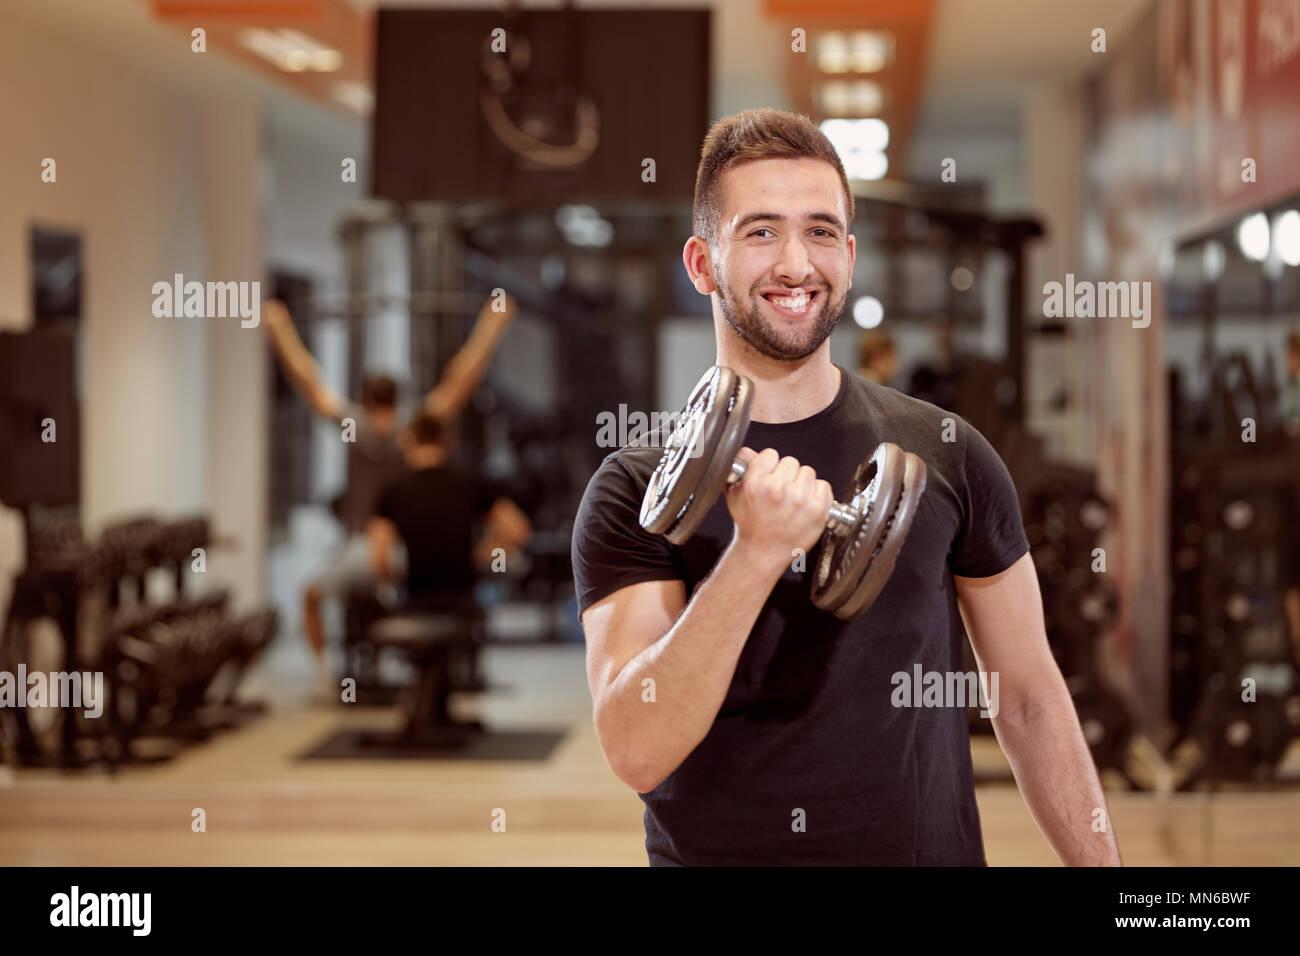 Un giovane uomo, media ordinaria cercando un braccio dumbell esercizio, smirking, in palestra. Irriconoscibile gruppo di persone dietro a. Immagini Stock